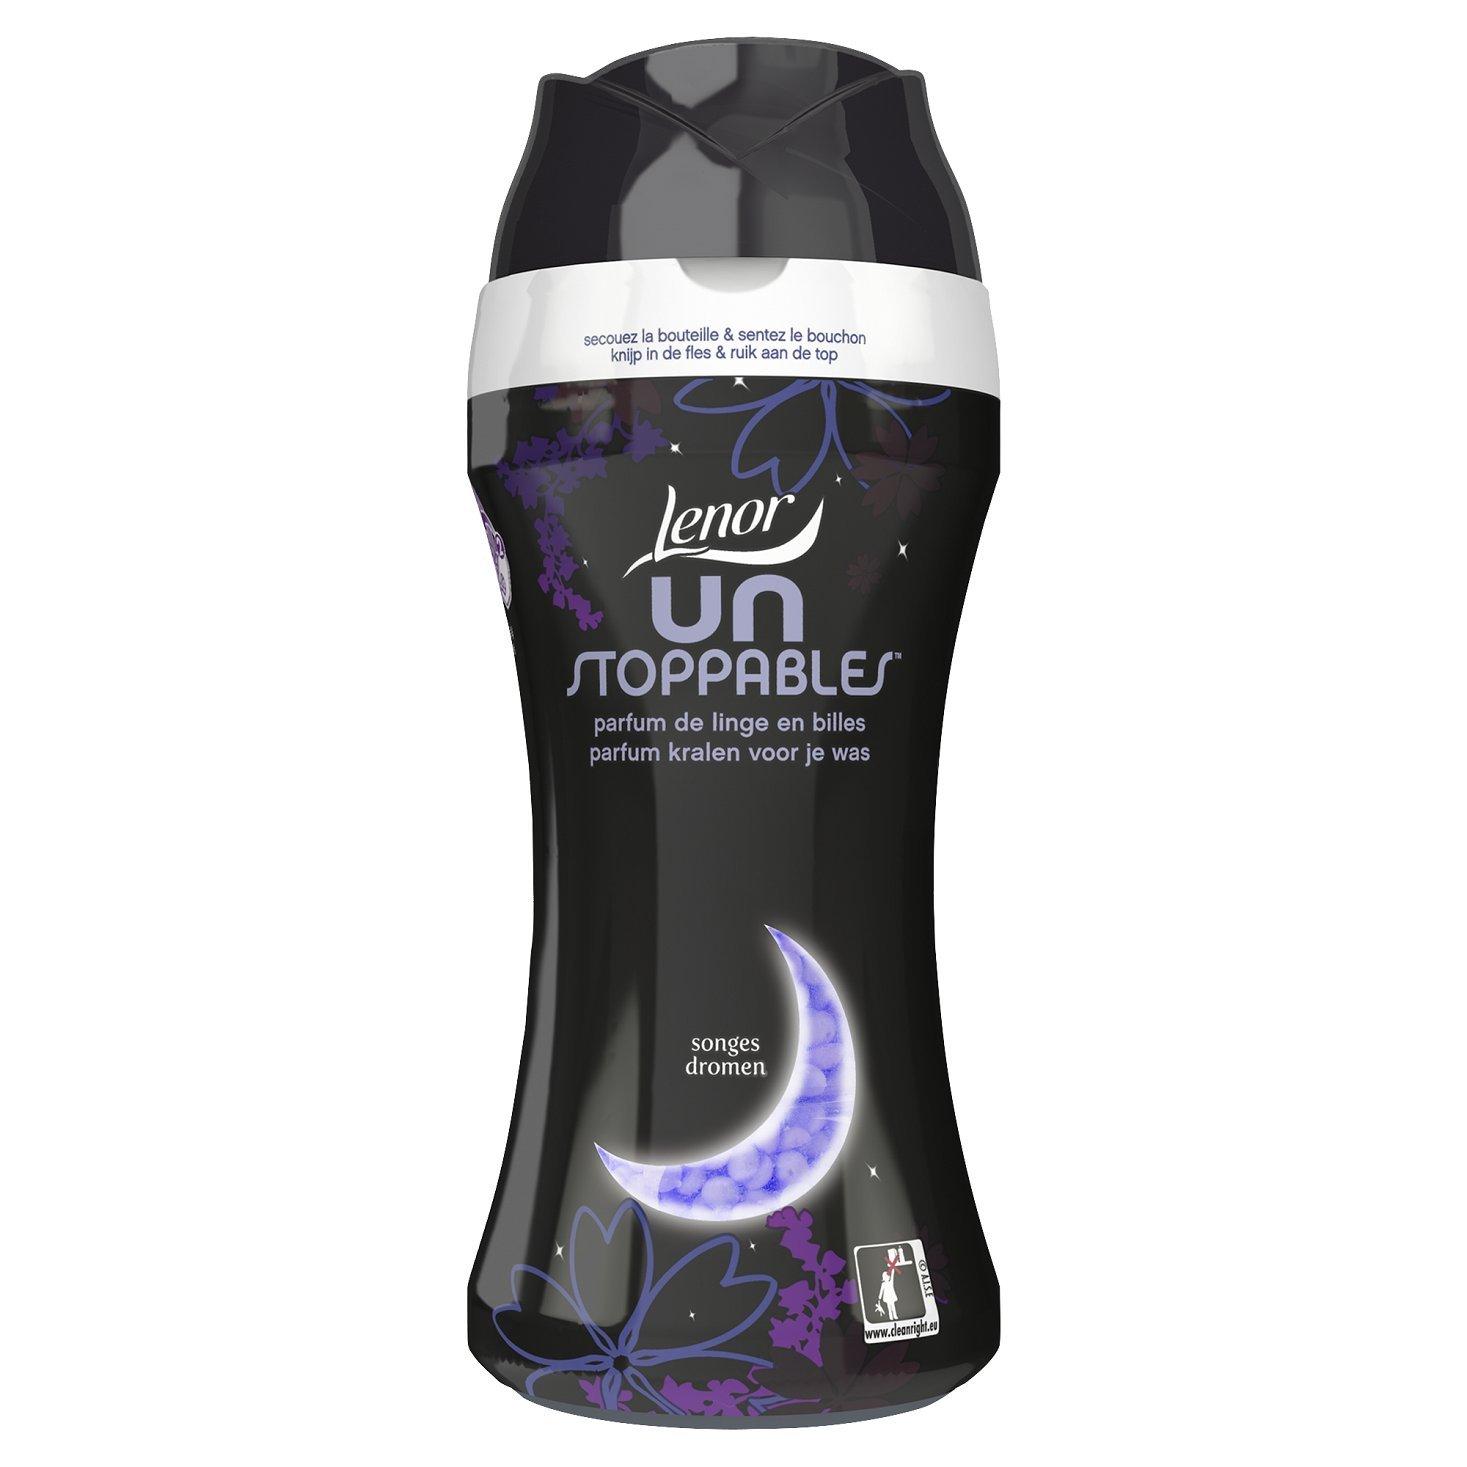 Lenor Unstoppables - Pasión - Perlas de perfume para la ropa, primavera, 15 lavados, 275 g: Amazon.es: Salud y cuidado personal